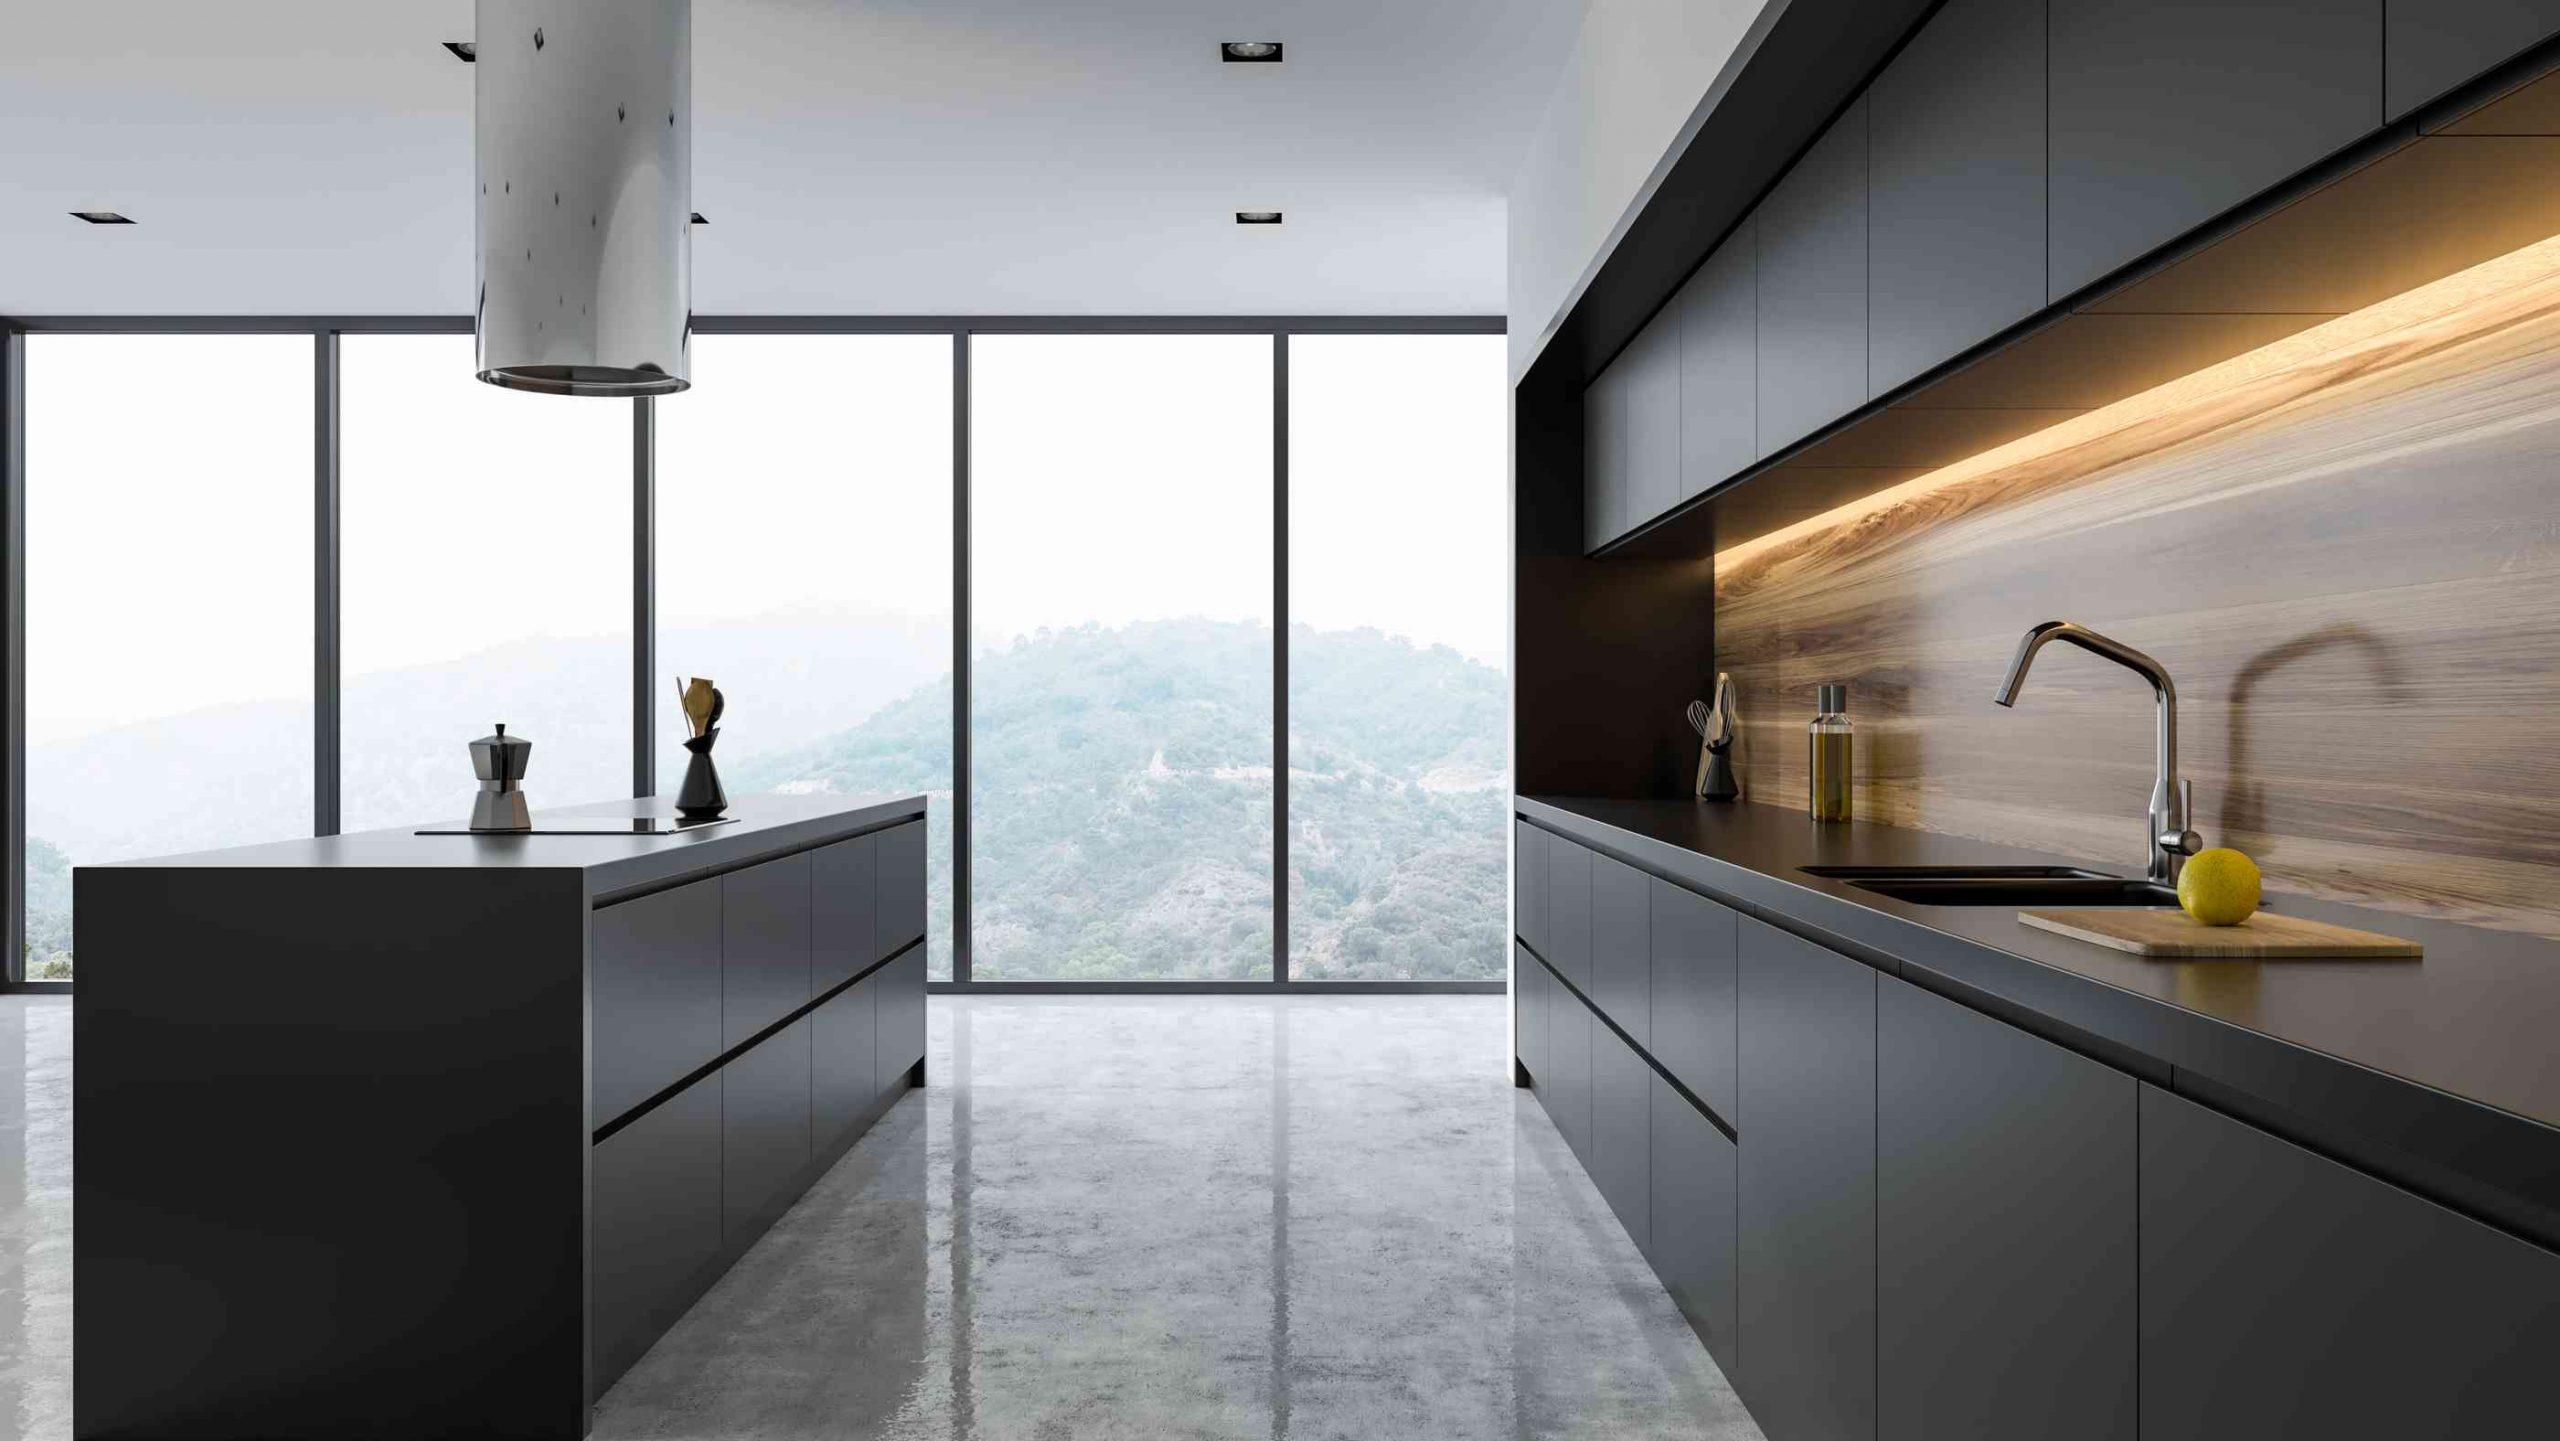 Full Size of Was Kostet Eine Küche Vom Schreiner Was Kostet Eine Küche Mit Elektrogeräten Was Kostet Eine Küche Vom Tischler Was Kostet Eine Küche Mit Geräten Küche Was Kostet Eine Küche